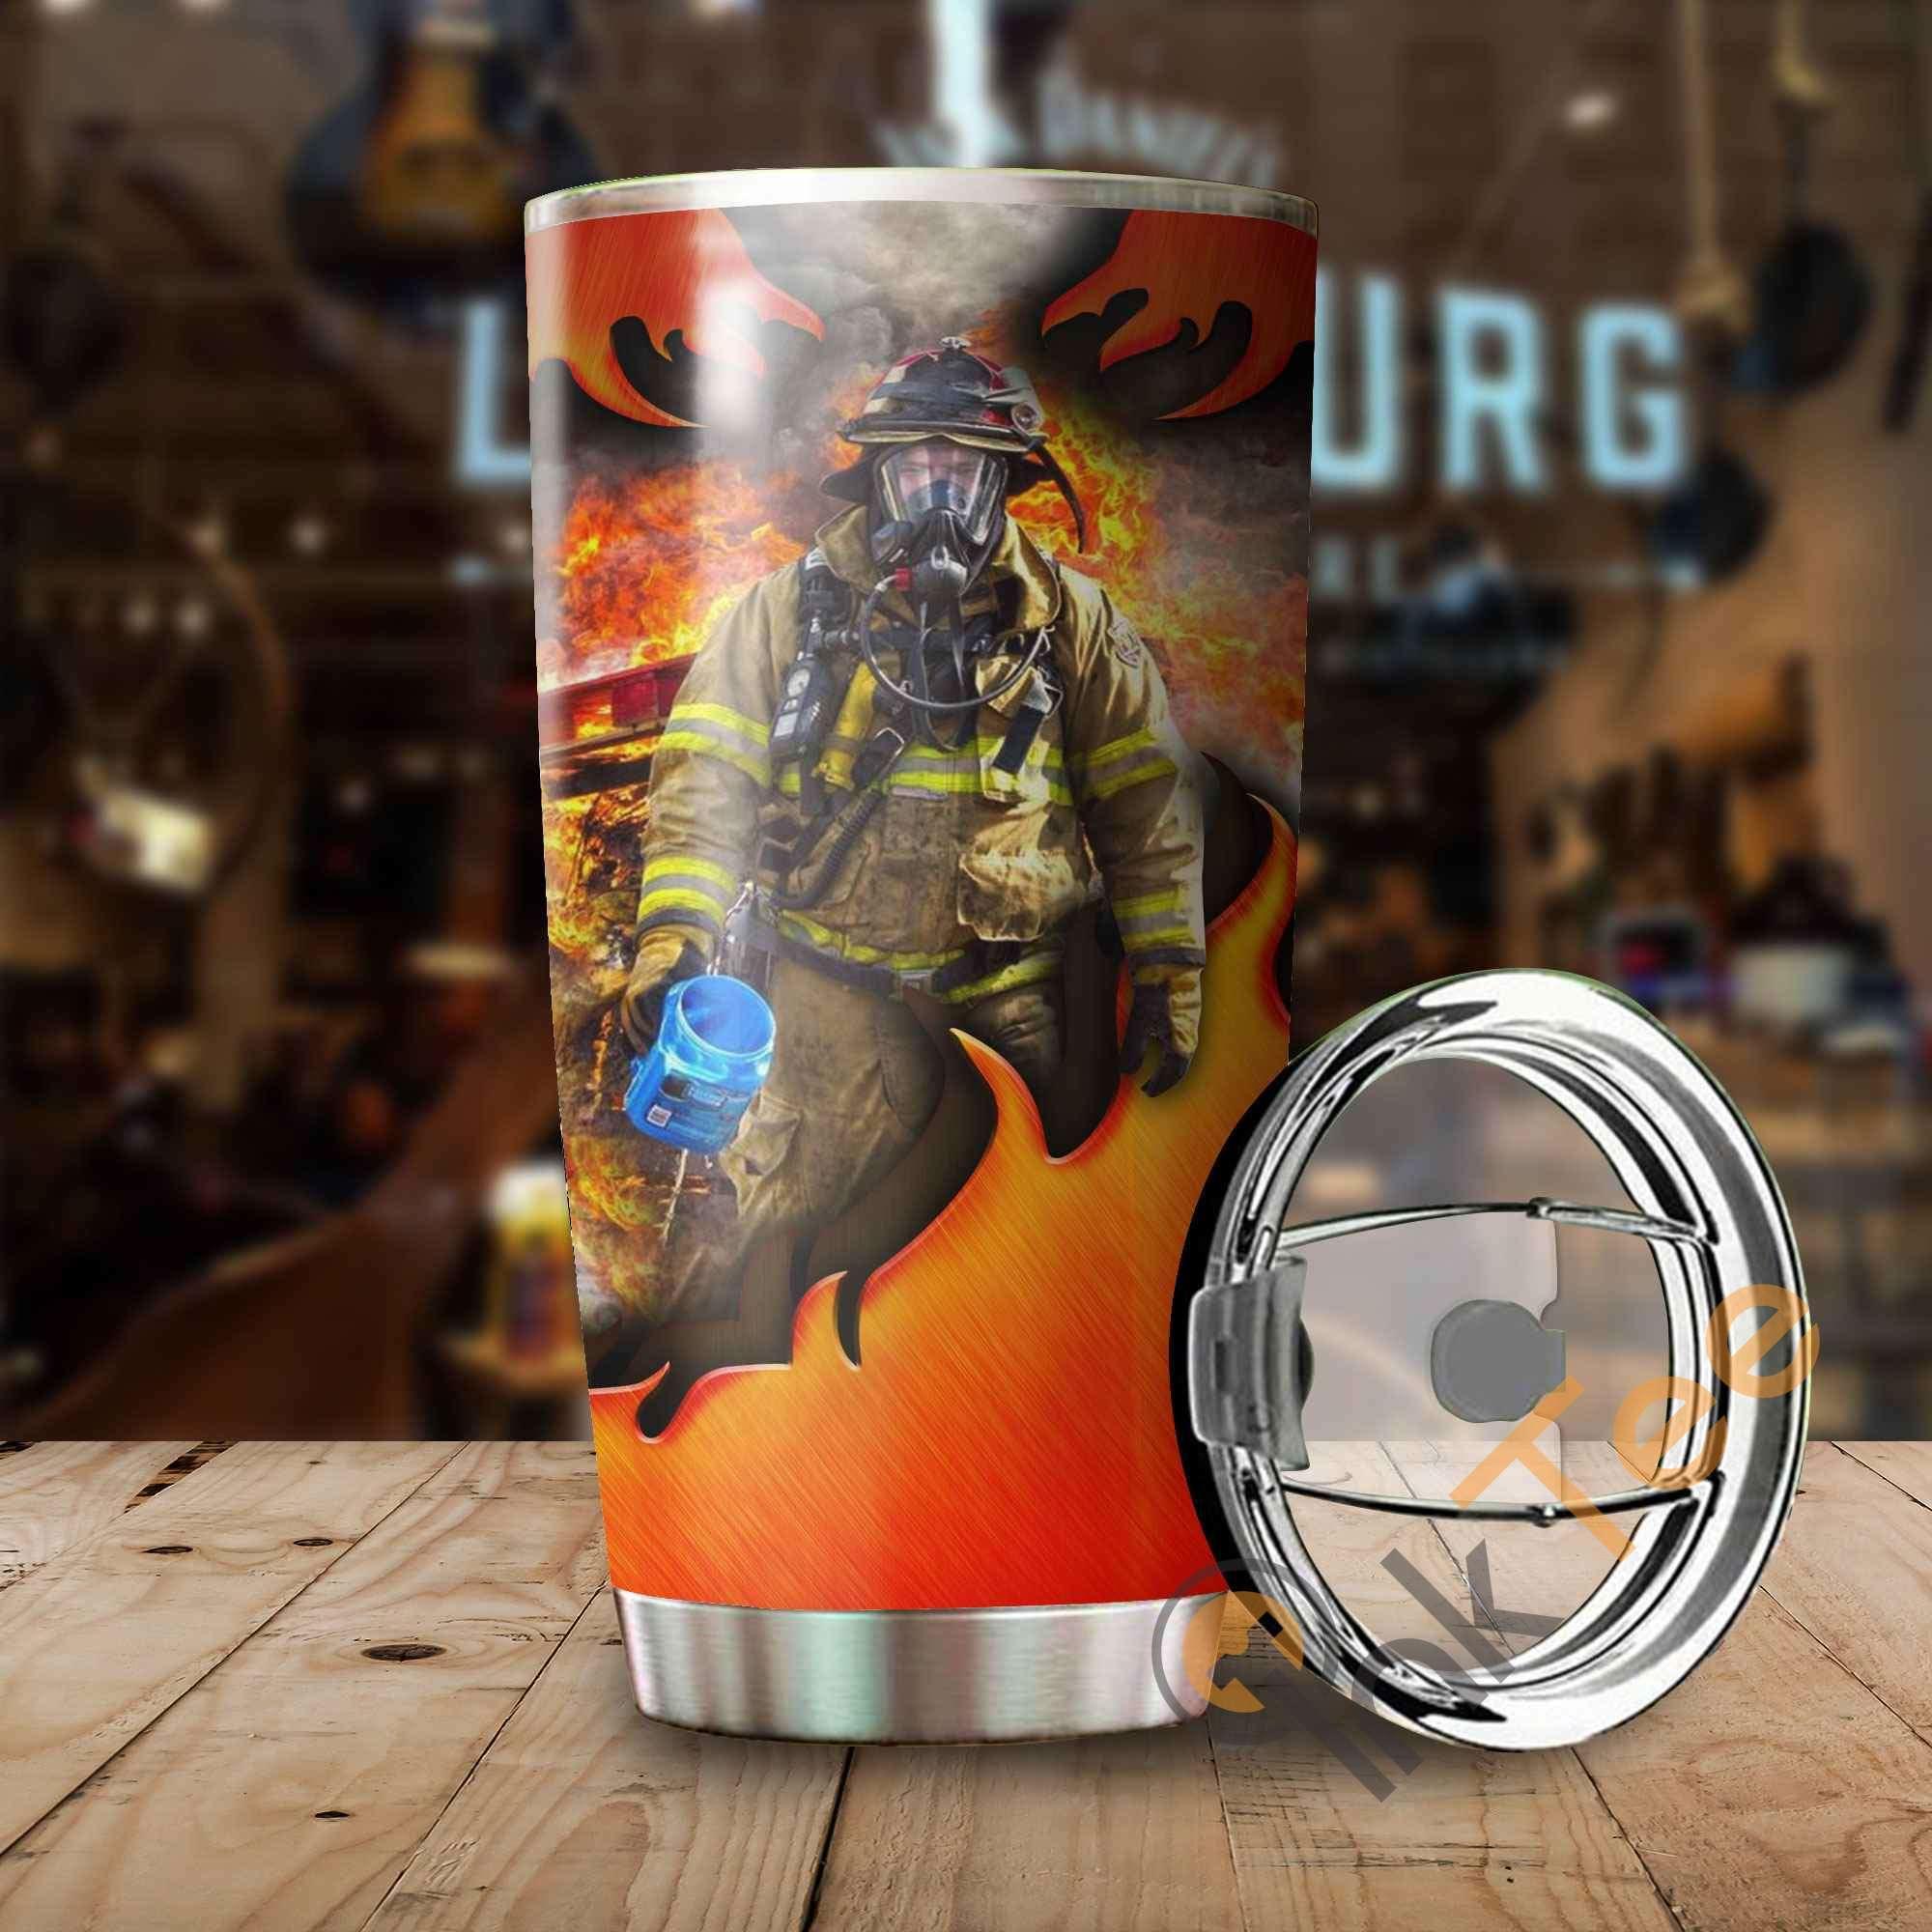 Firefighter Amazon Best Seller Sku 3557 Stainless Steel Tumbler